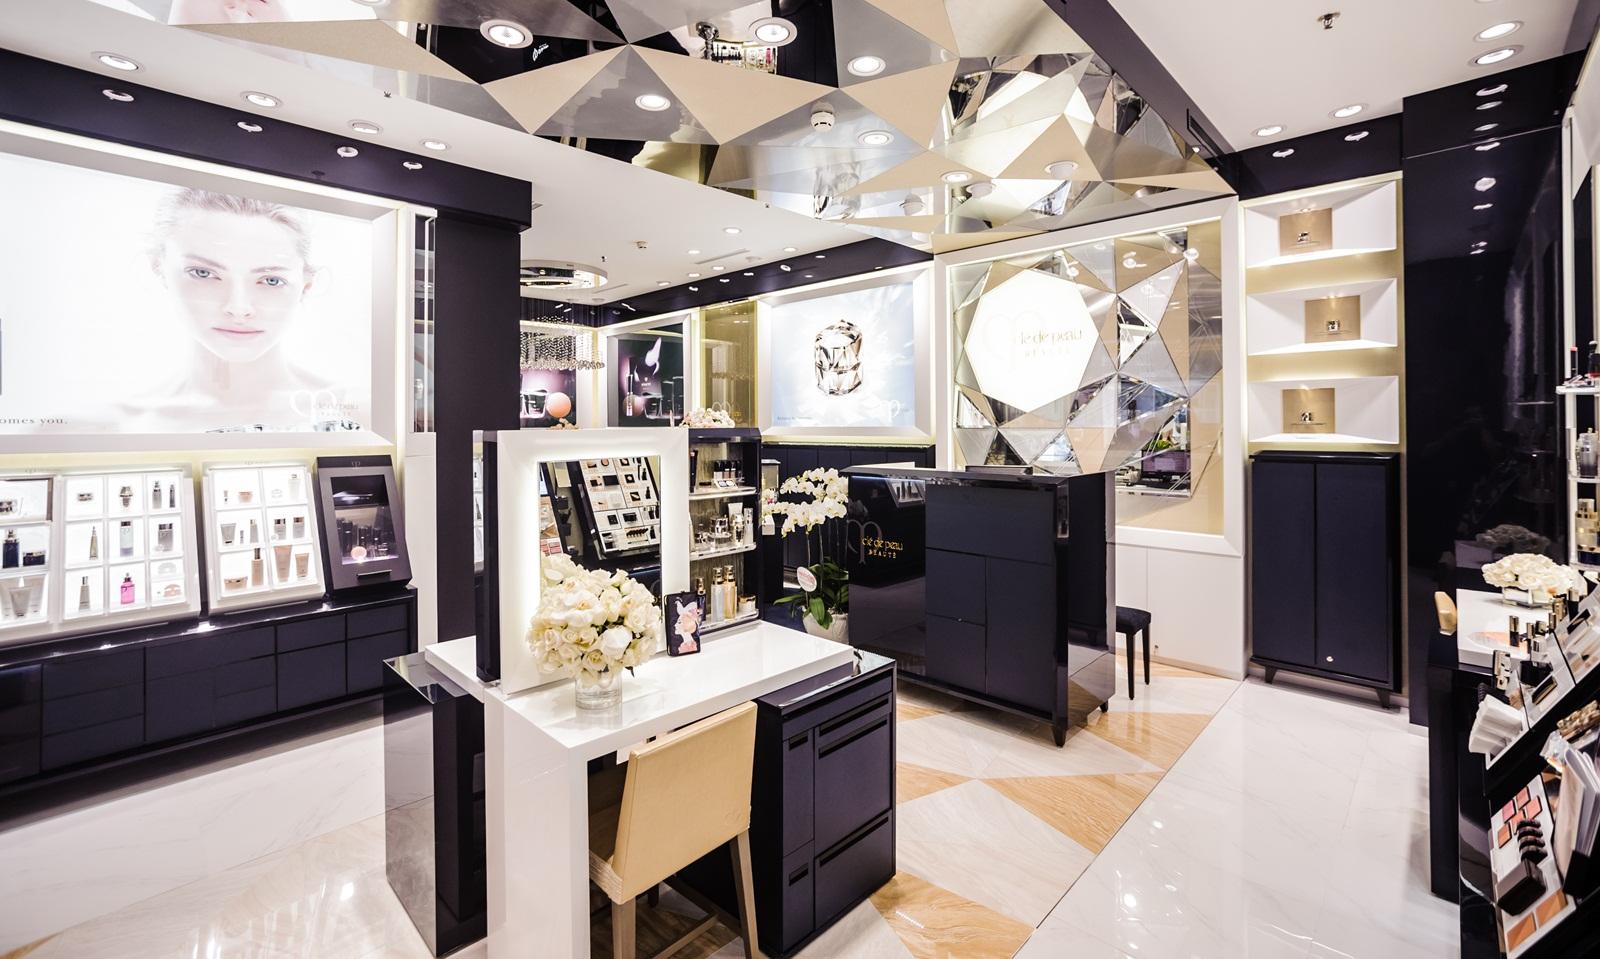 Clé de Peau Beauté ra mắt cửa hàng flagship đánh dấu 18 năm có mặt tại thị trường Việt Nam